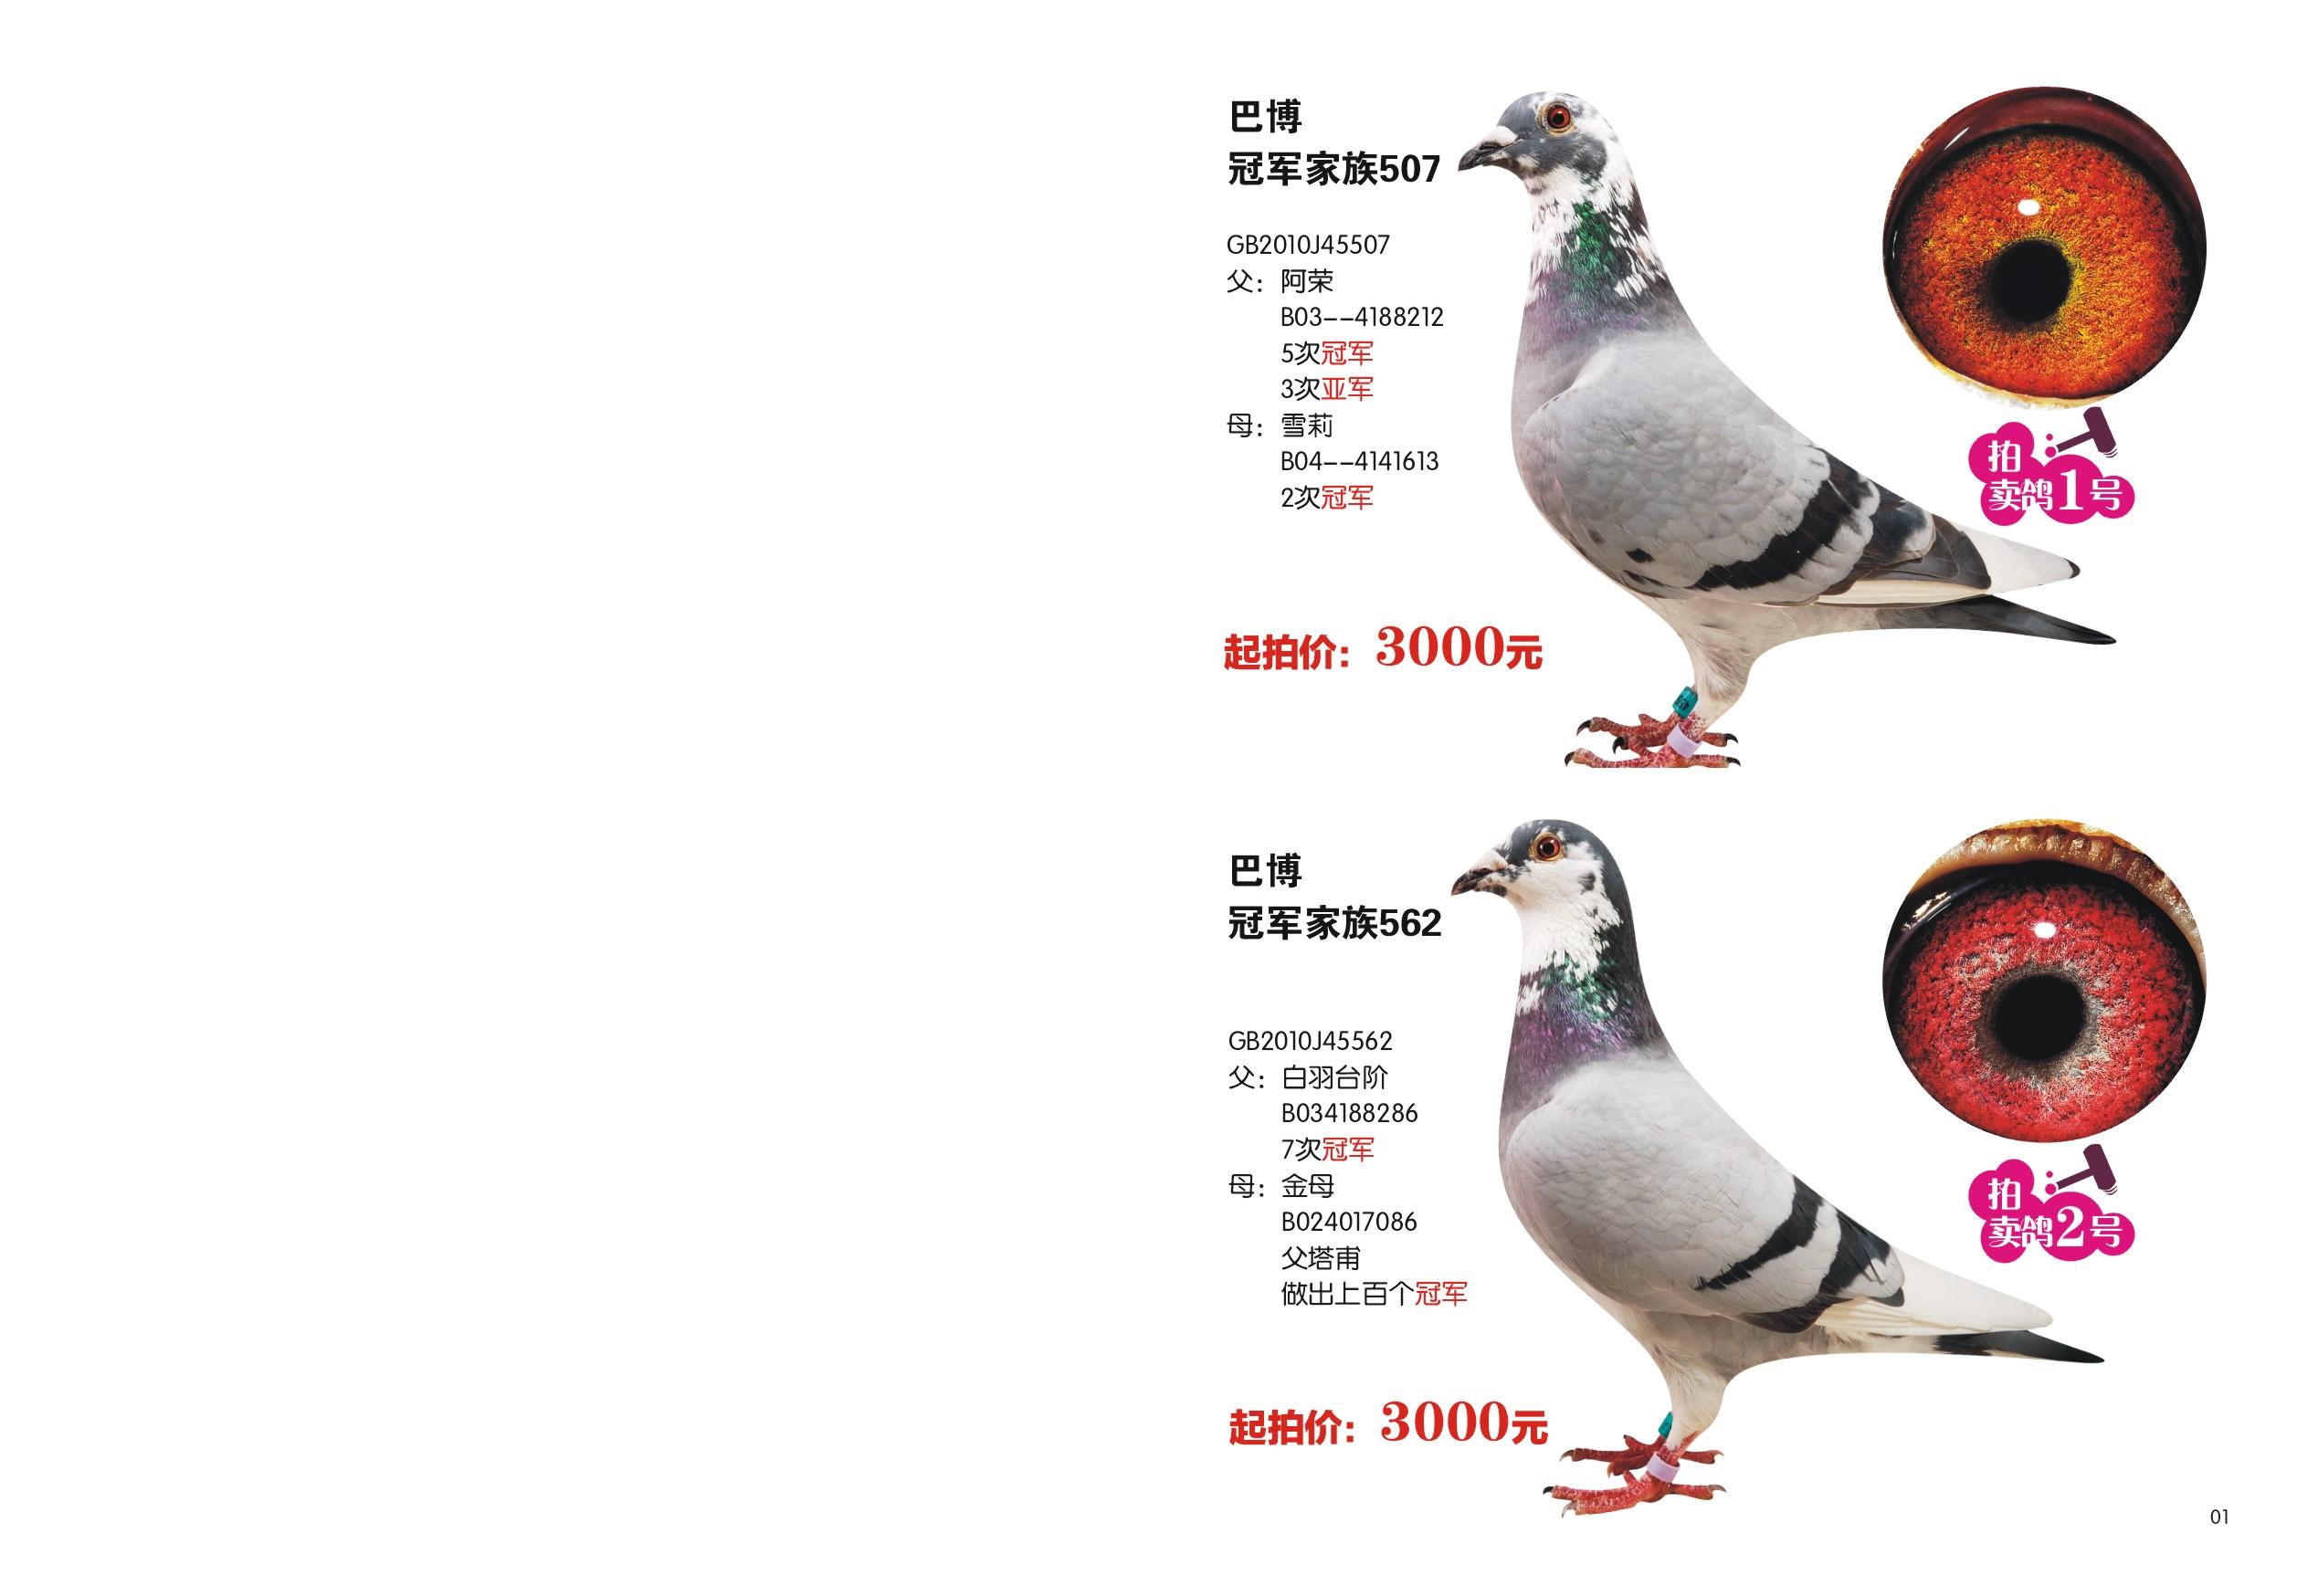 信鸽特征-巴博冠军家族01 邓文敏鸽舍